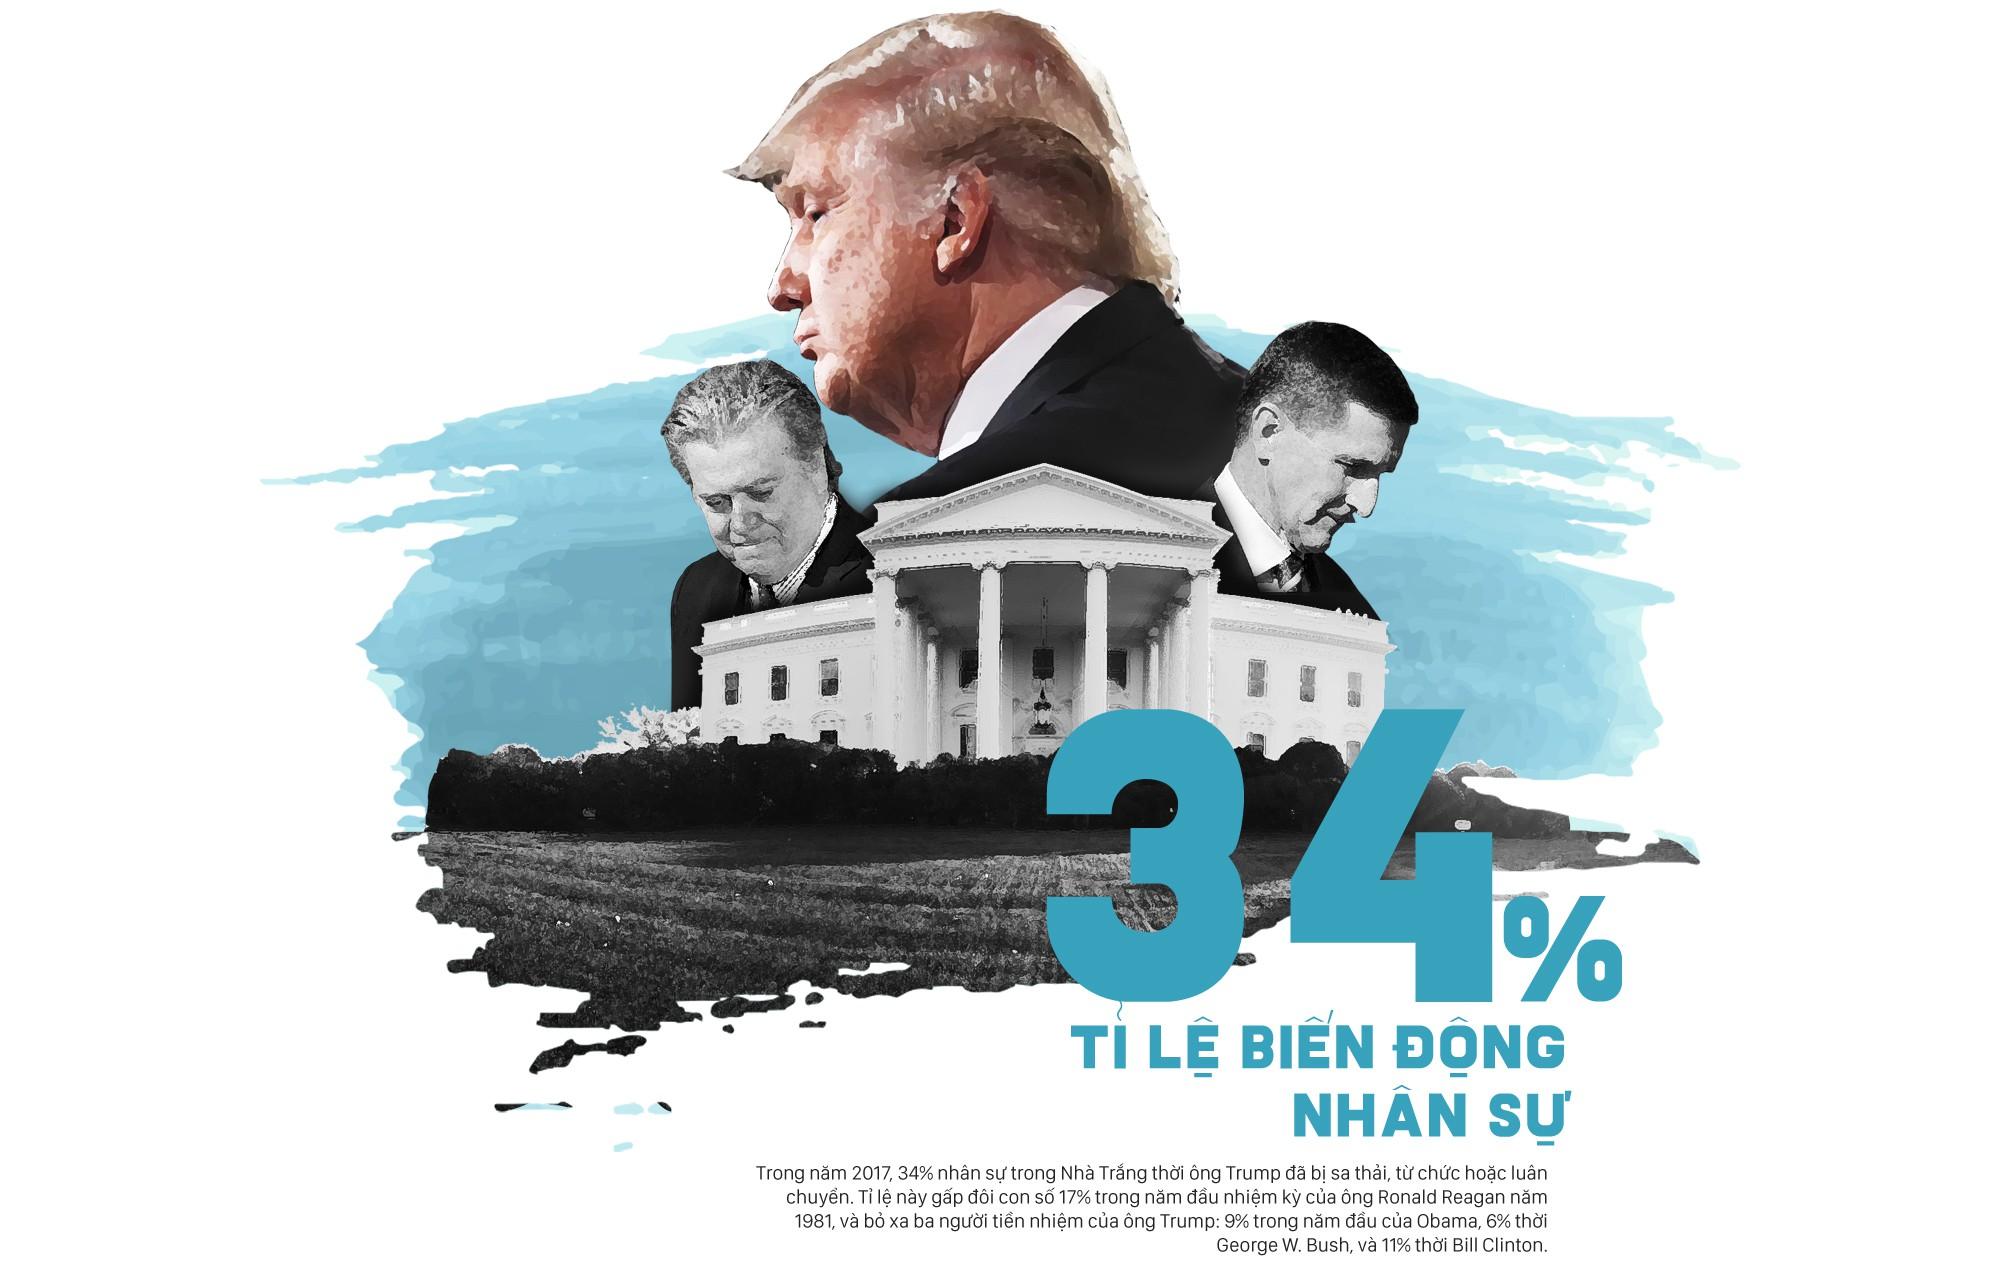 Năm đầu tiên trong Nhà Trắng của tổng thống Trump: Những con số kỷ lục đập tan tranh cãi - Ảnh 7.